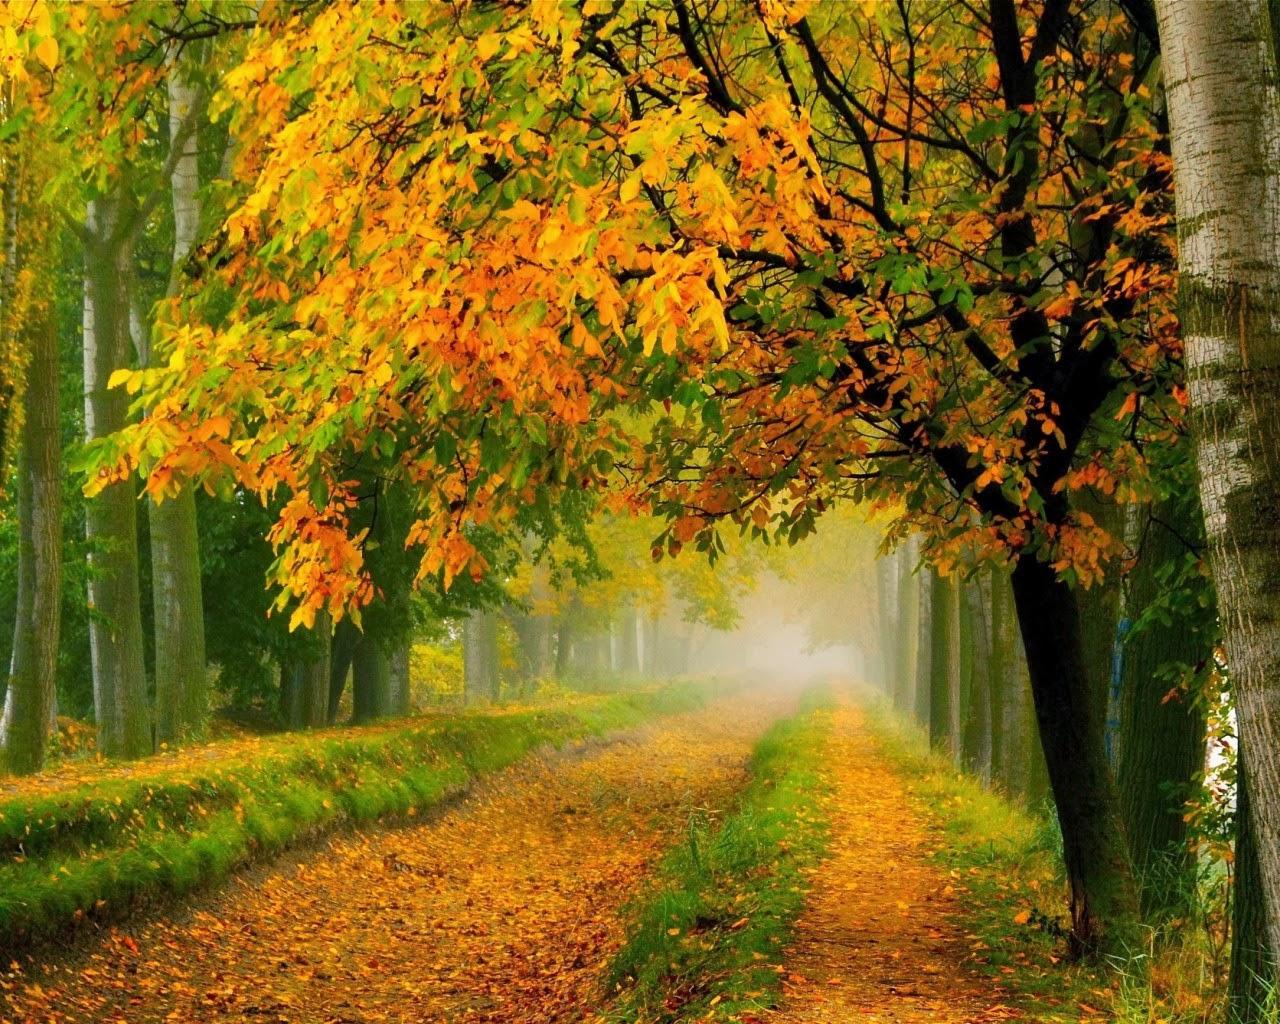 بالصور صور الطبيعة الجميلة , اجمل الصور لمناظر الخلابة 2911 7